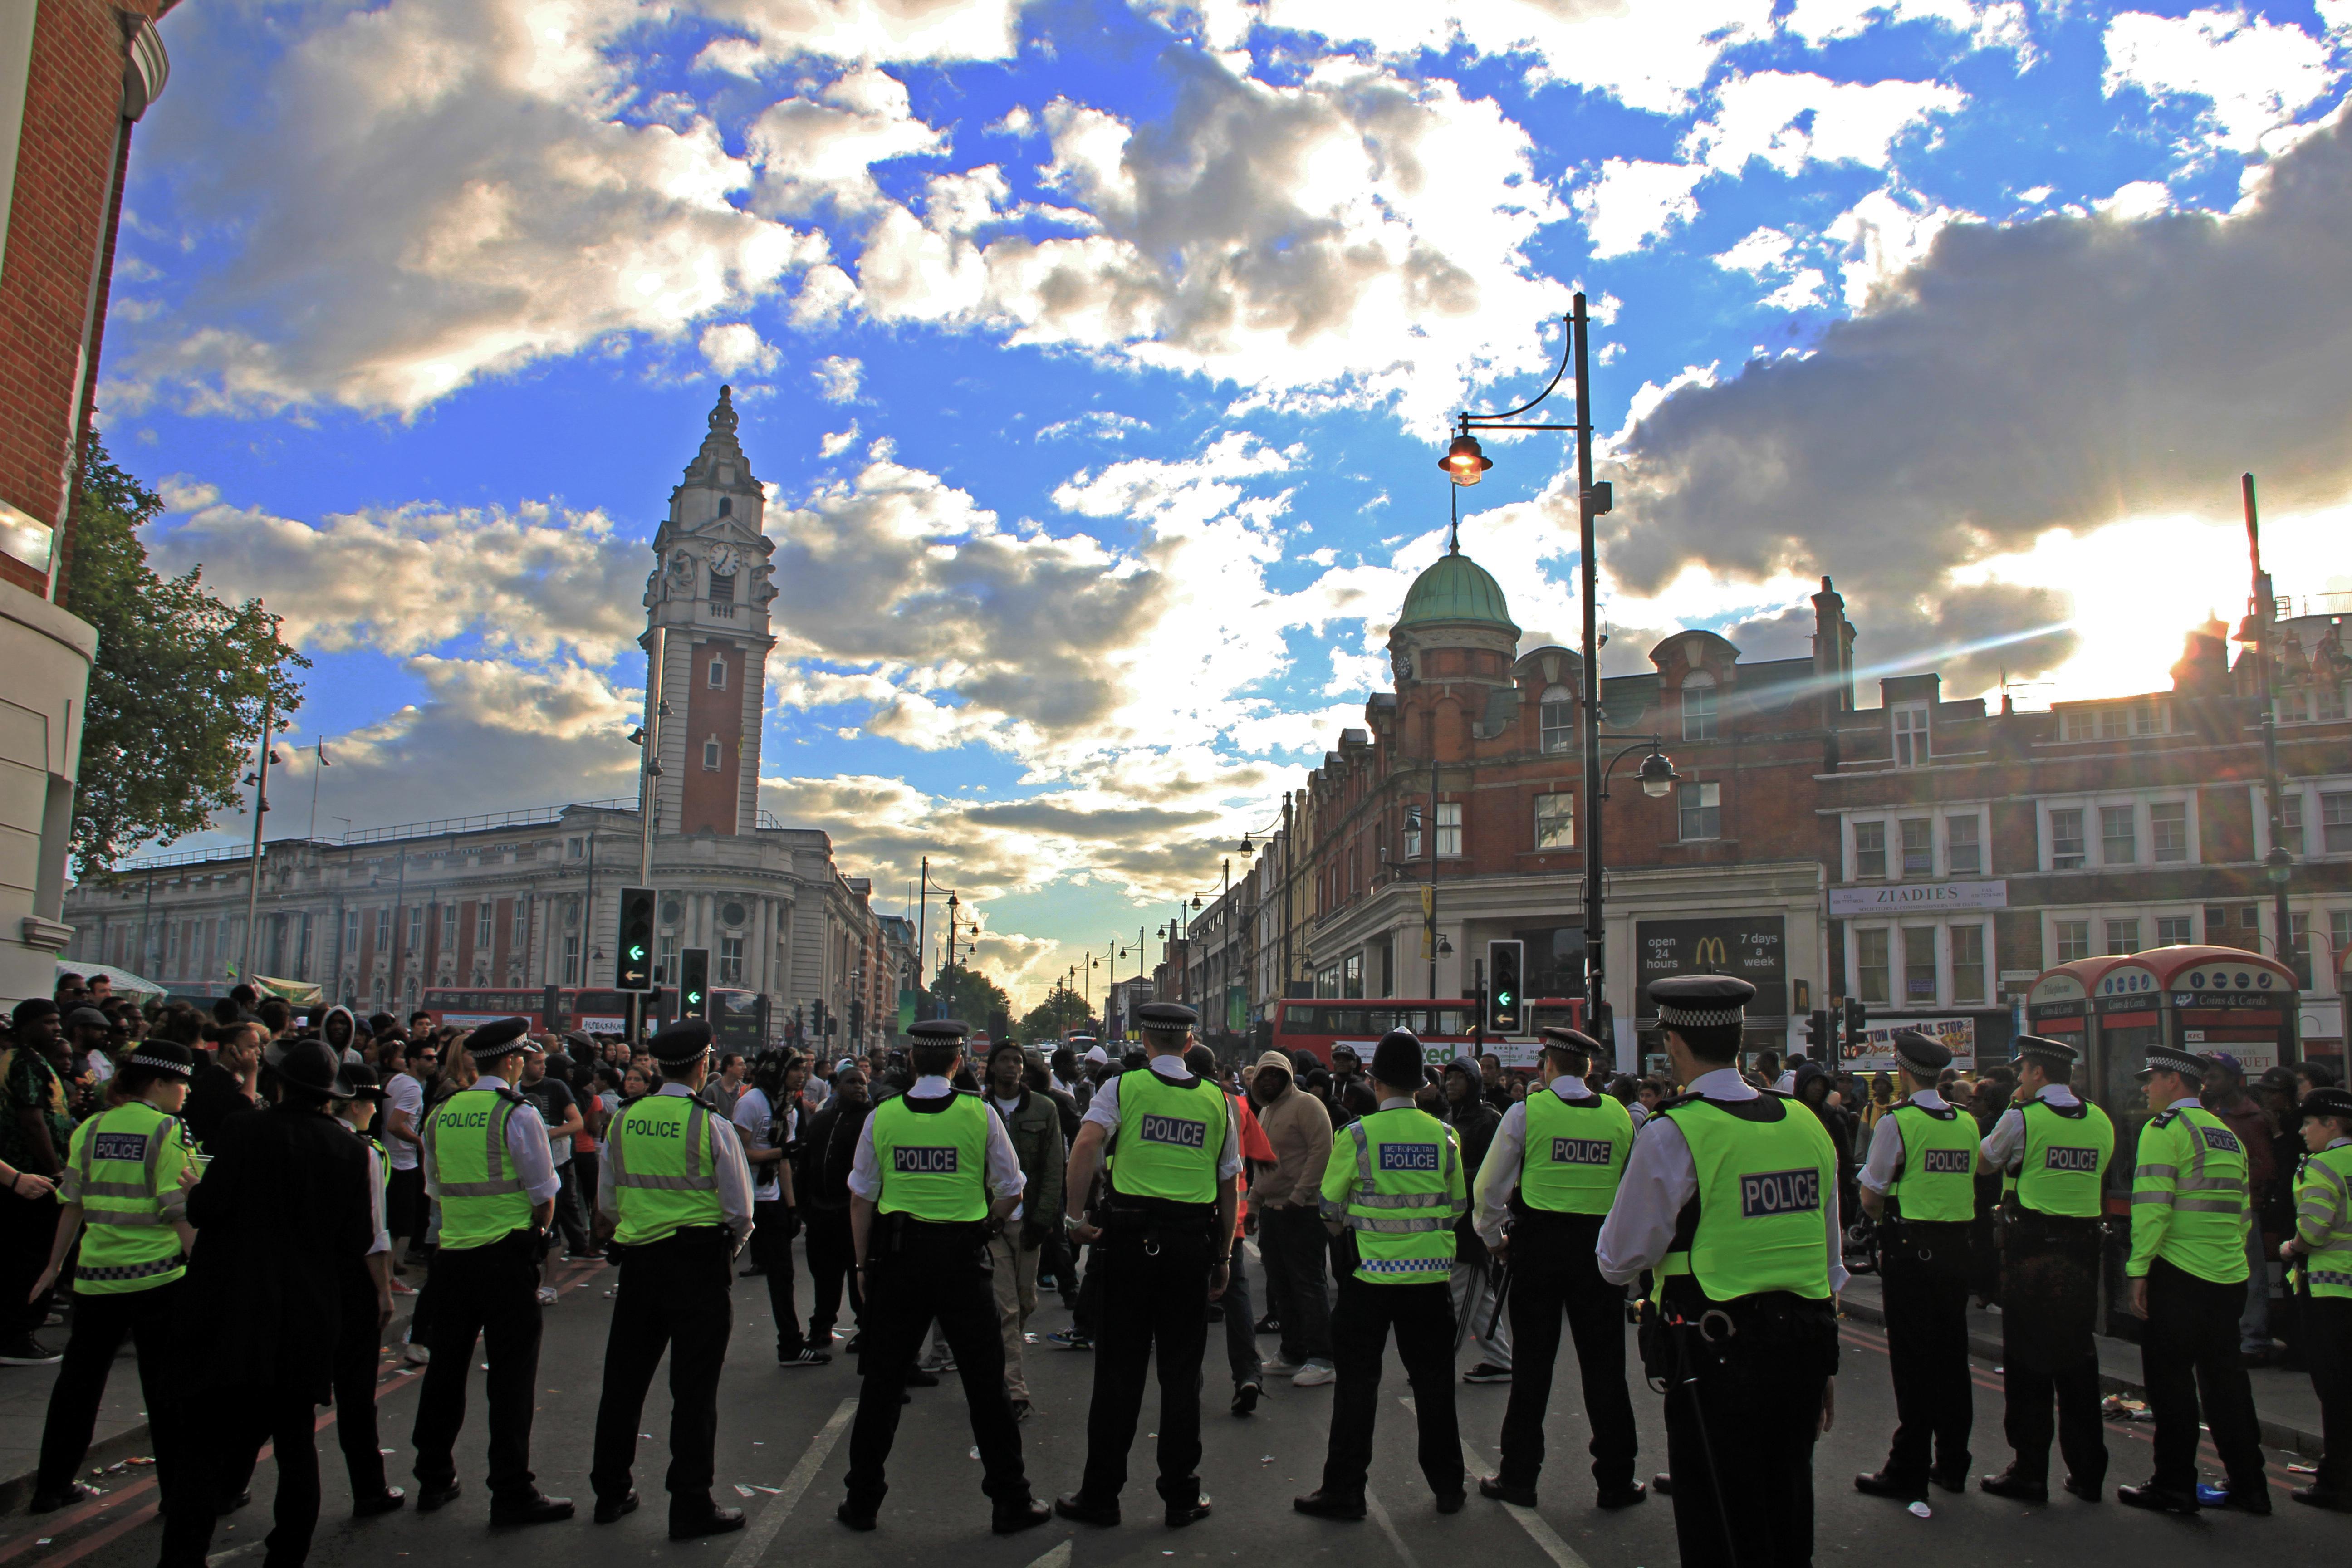 Brixton police vs rudes